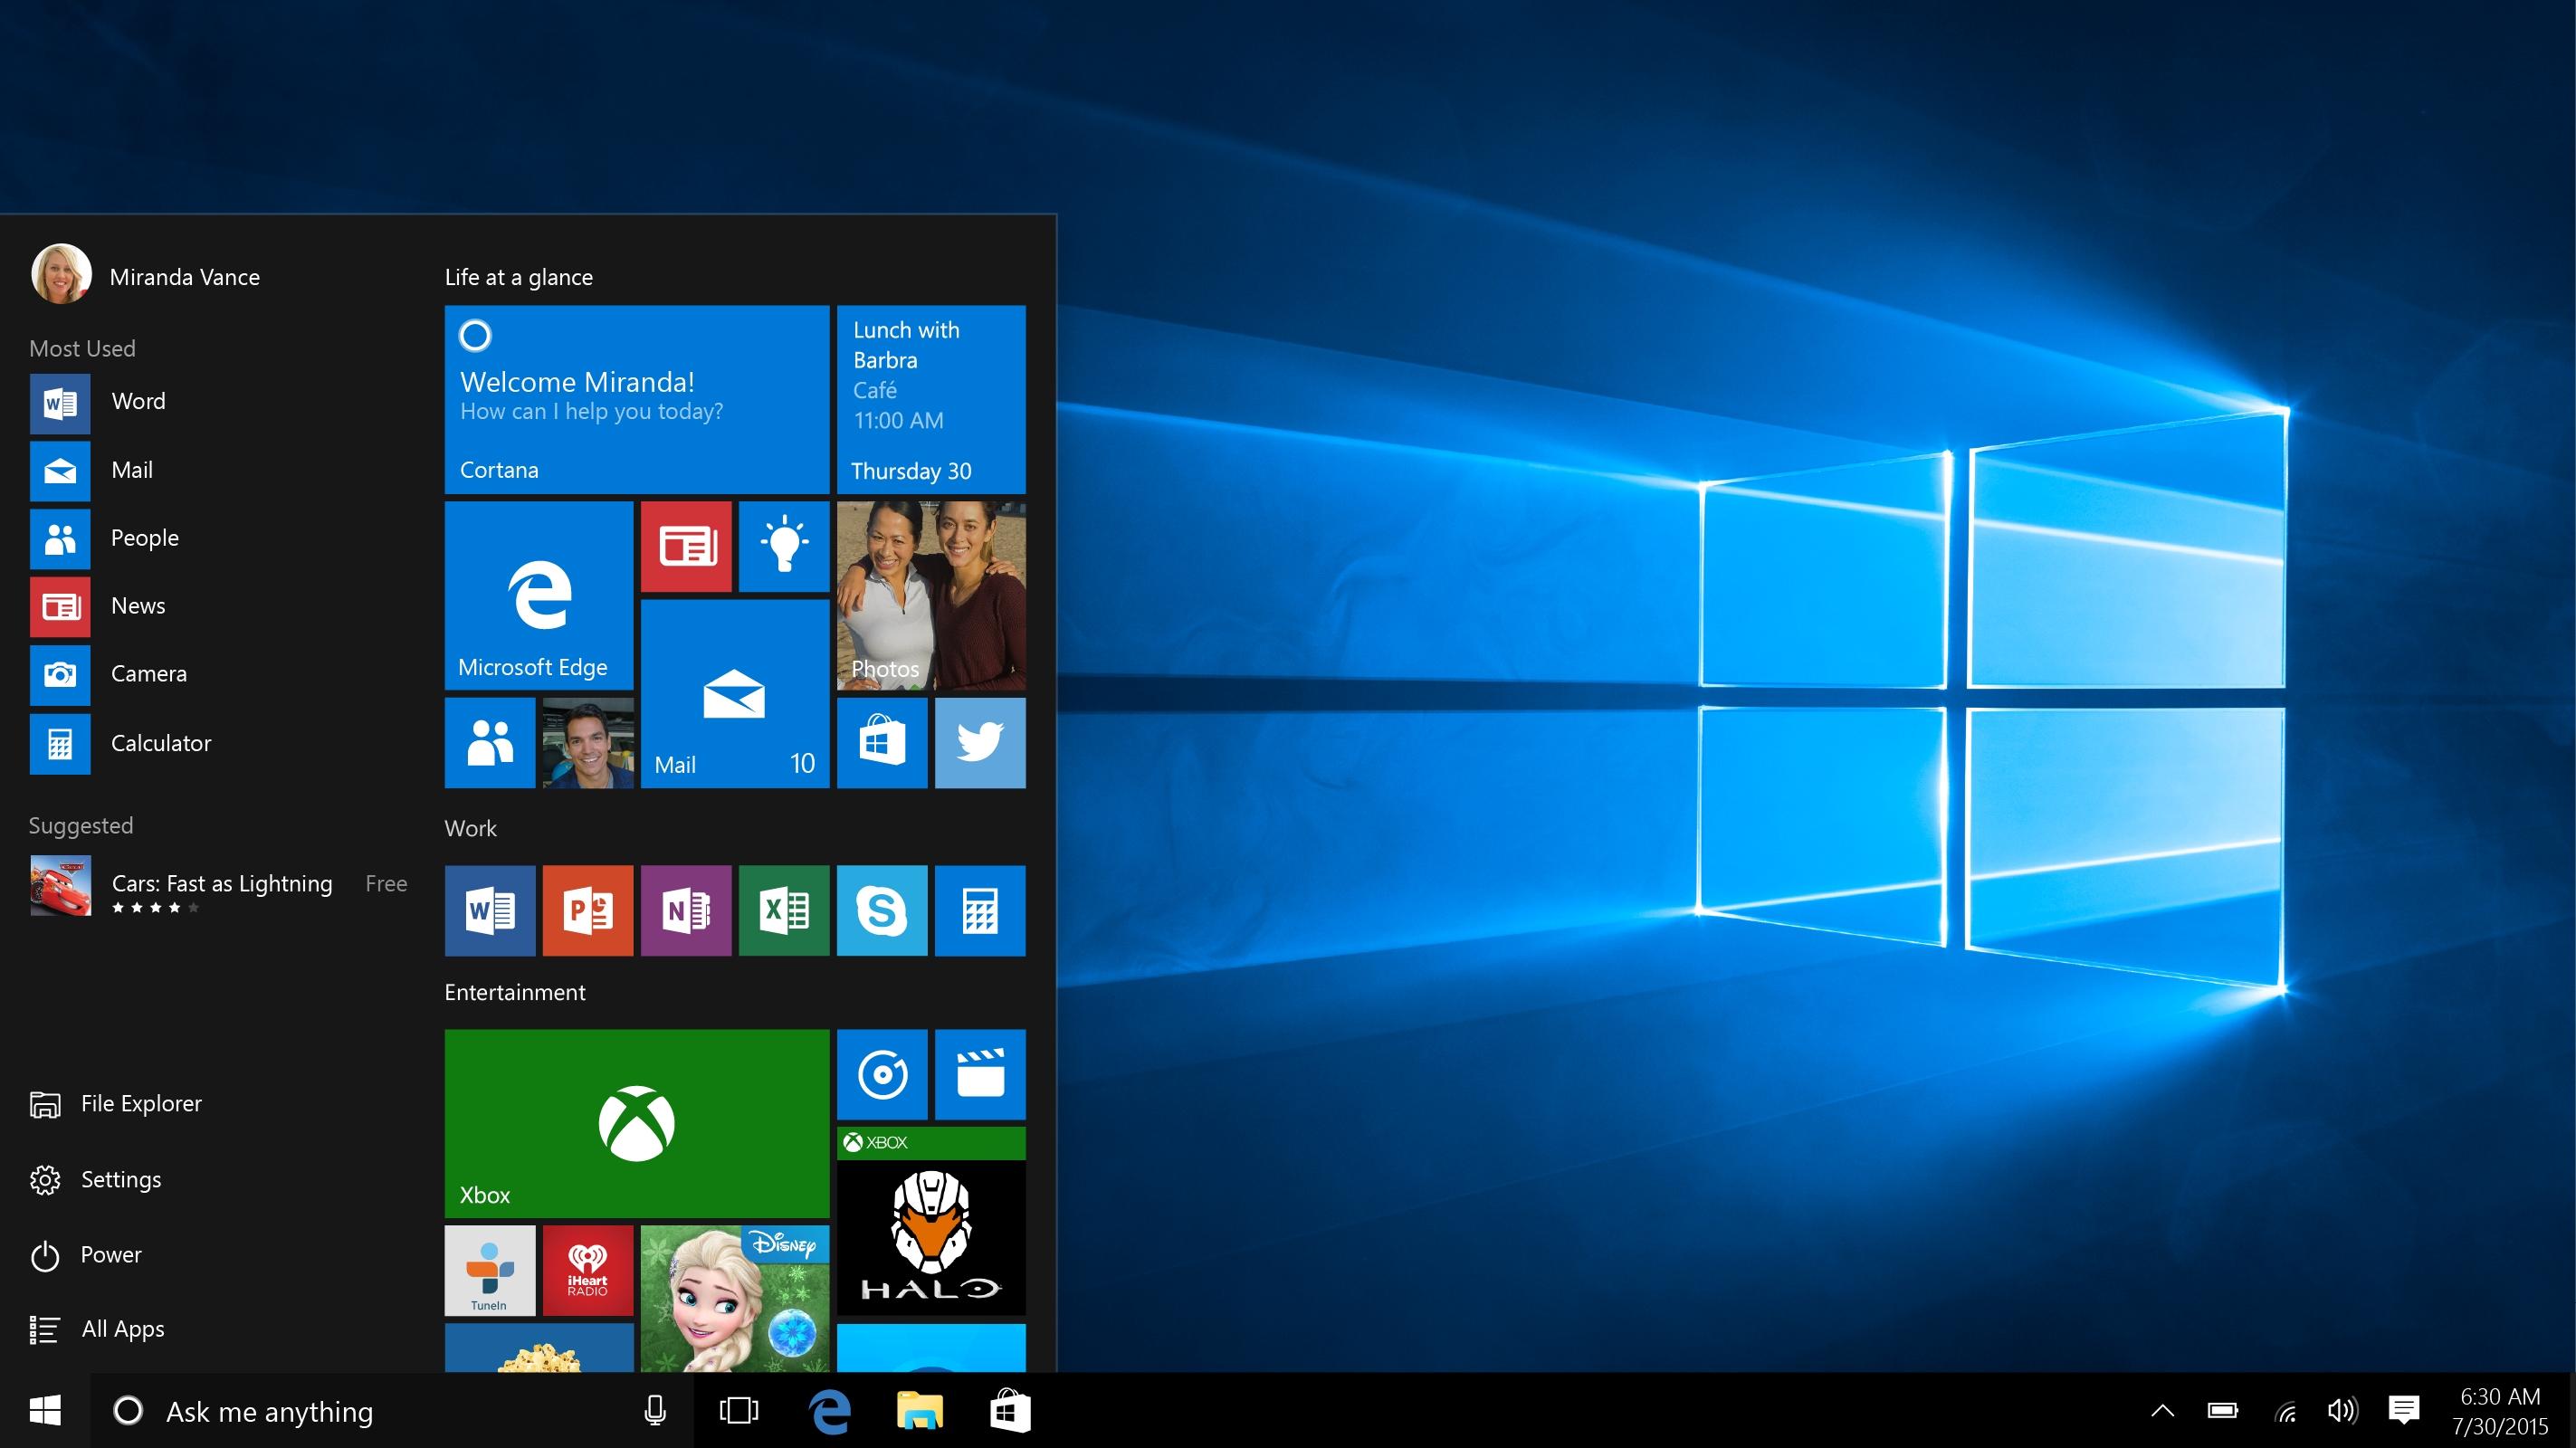 EFF mener Microsoft er uærlige og ufine hva angår installasjon og bruk av Windows 10.